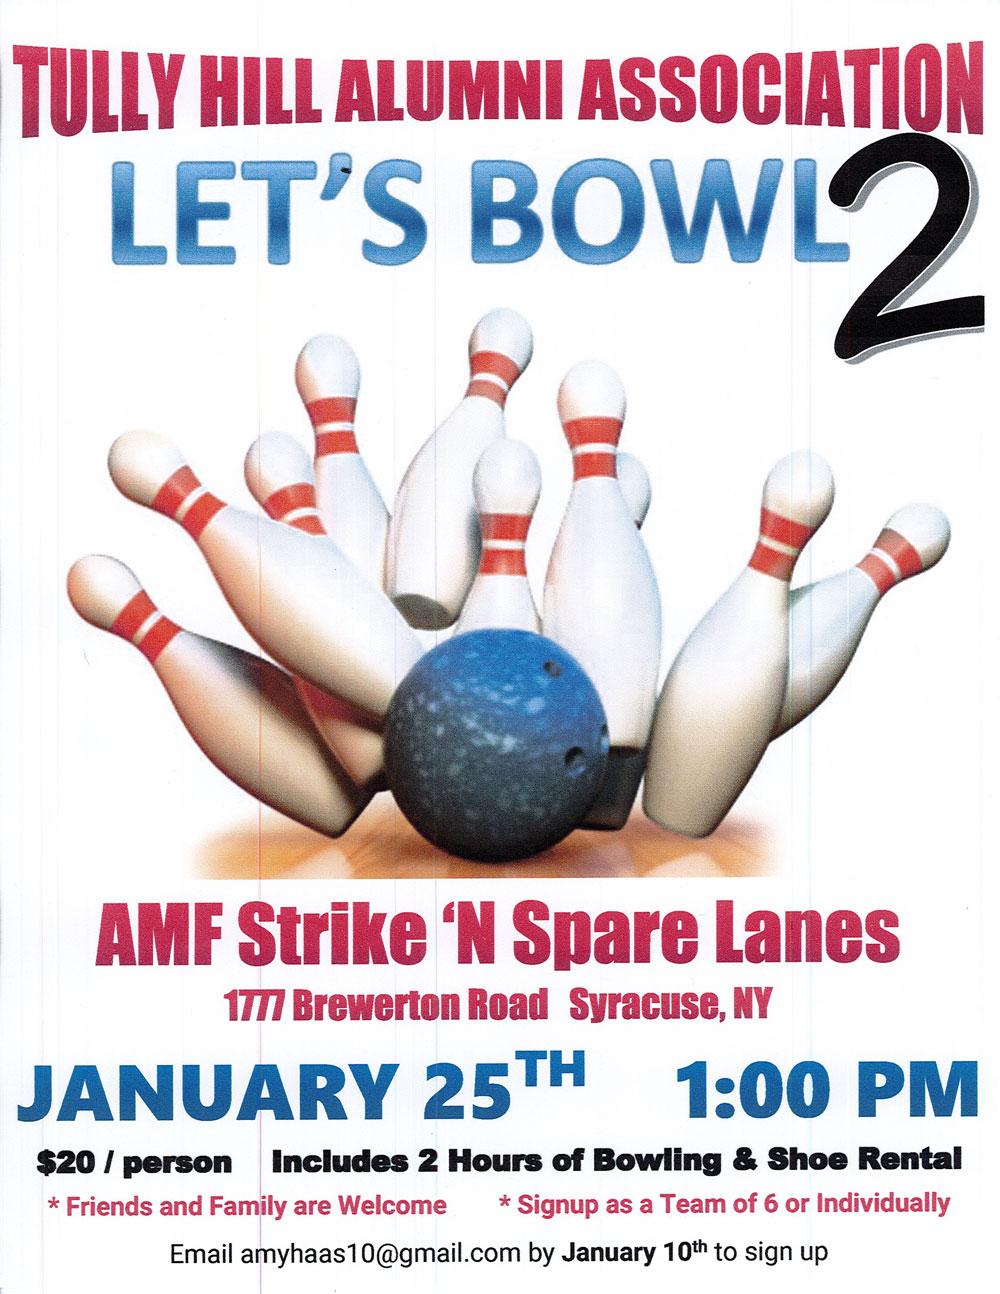 Lets Bowl_2 poster